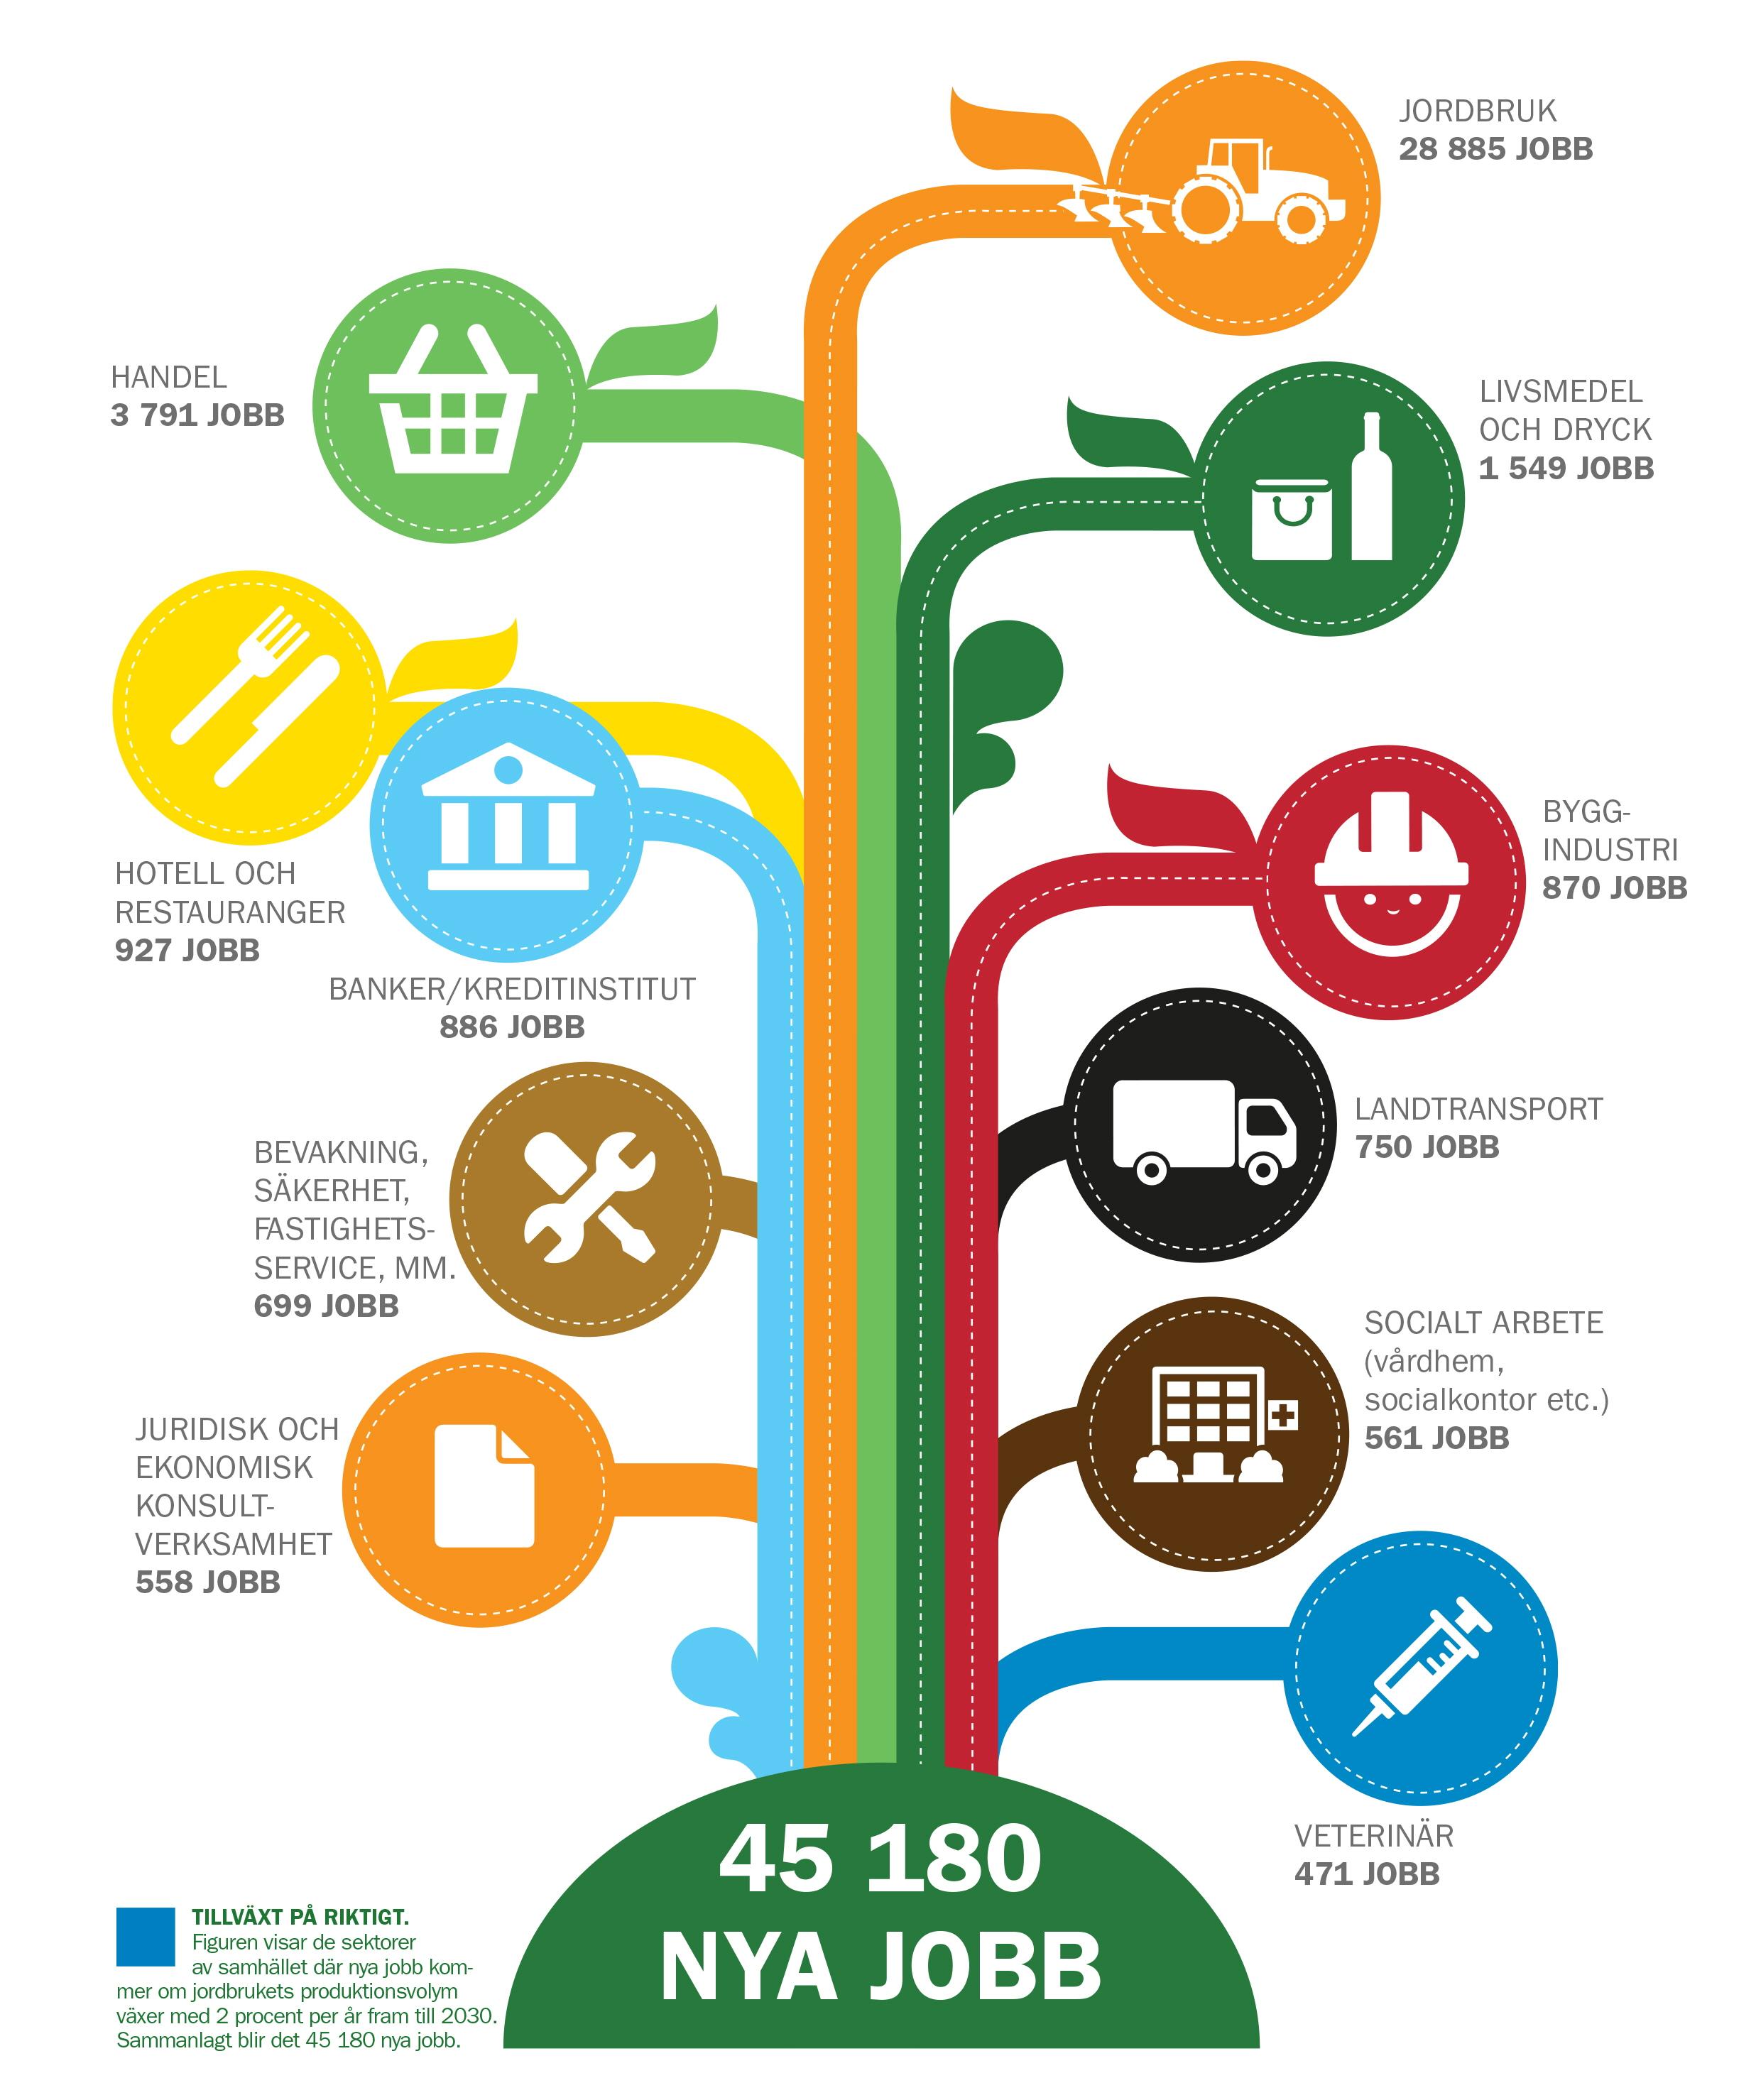 Jordbruket skapar många nya jobb. Om jordbrukets produktionsvolym växer med 2 procent per år fram till 2030 skapas sammanlagt det 45 180 nya jobb.